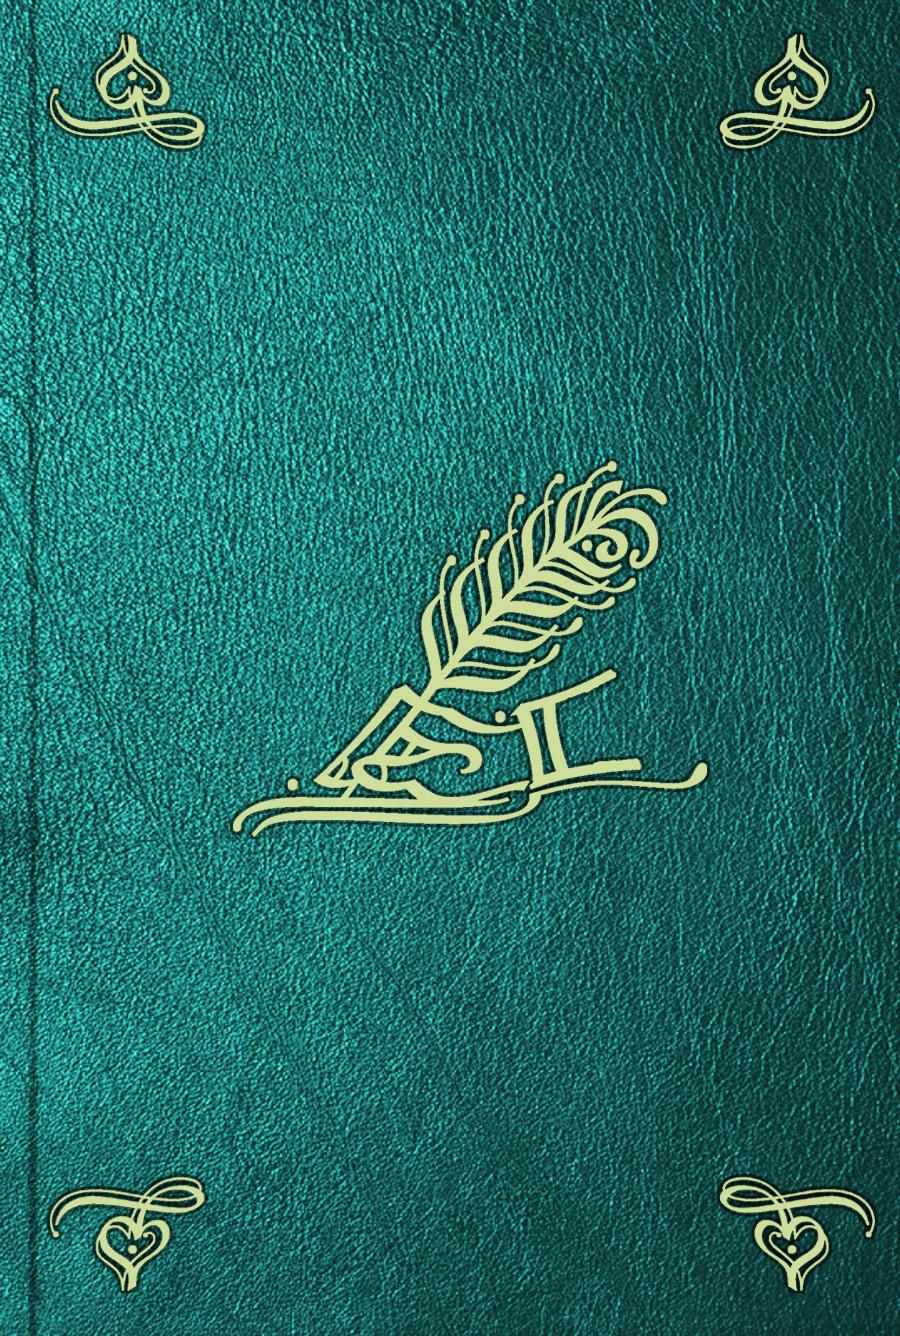 Carlo de'Rosmini Vita e disciplina di Guarino Veronese. Vol. 3 luigi tosti storia di bonifazio viii e de suoi tempi vol 1 classic reprint